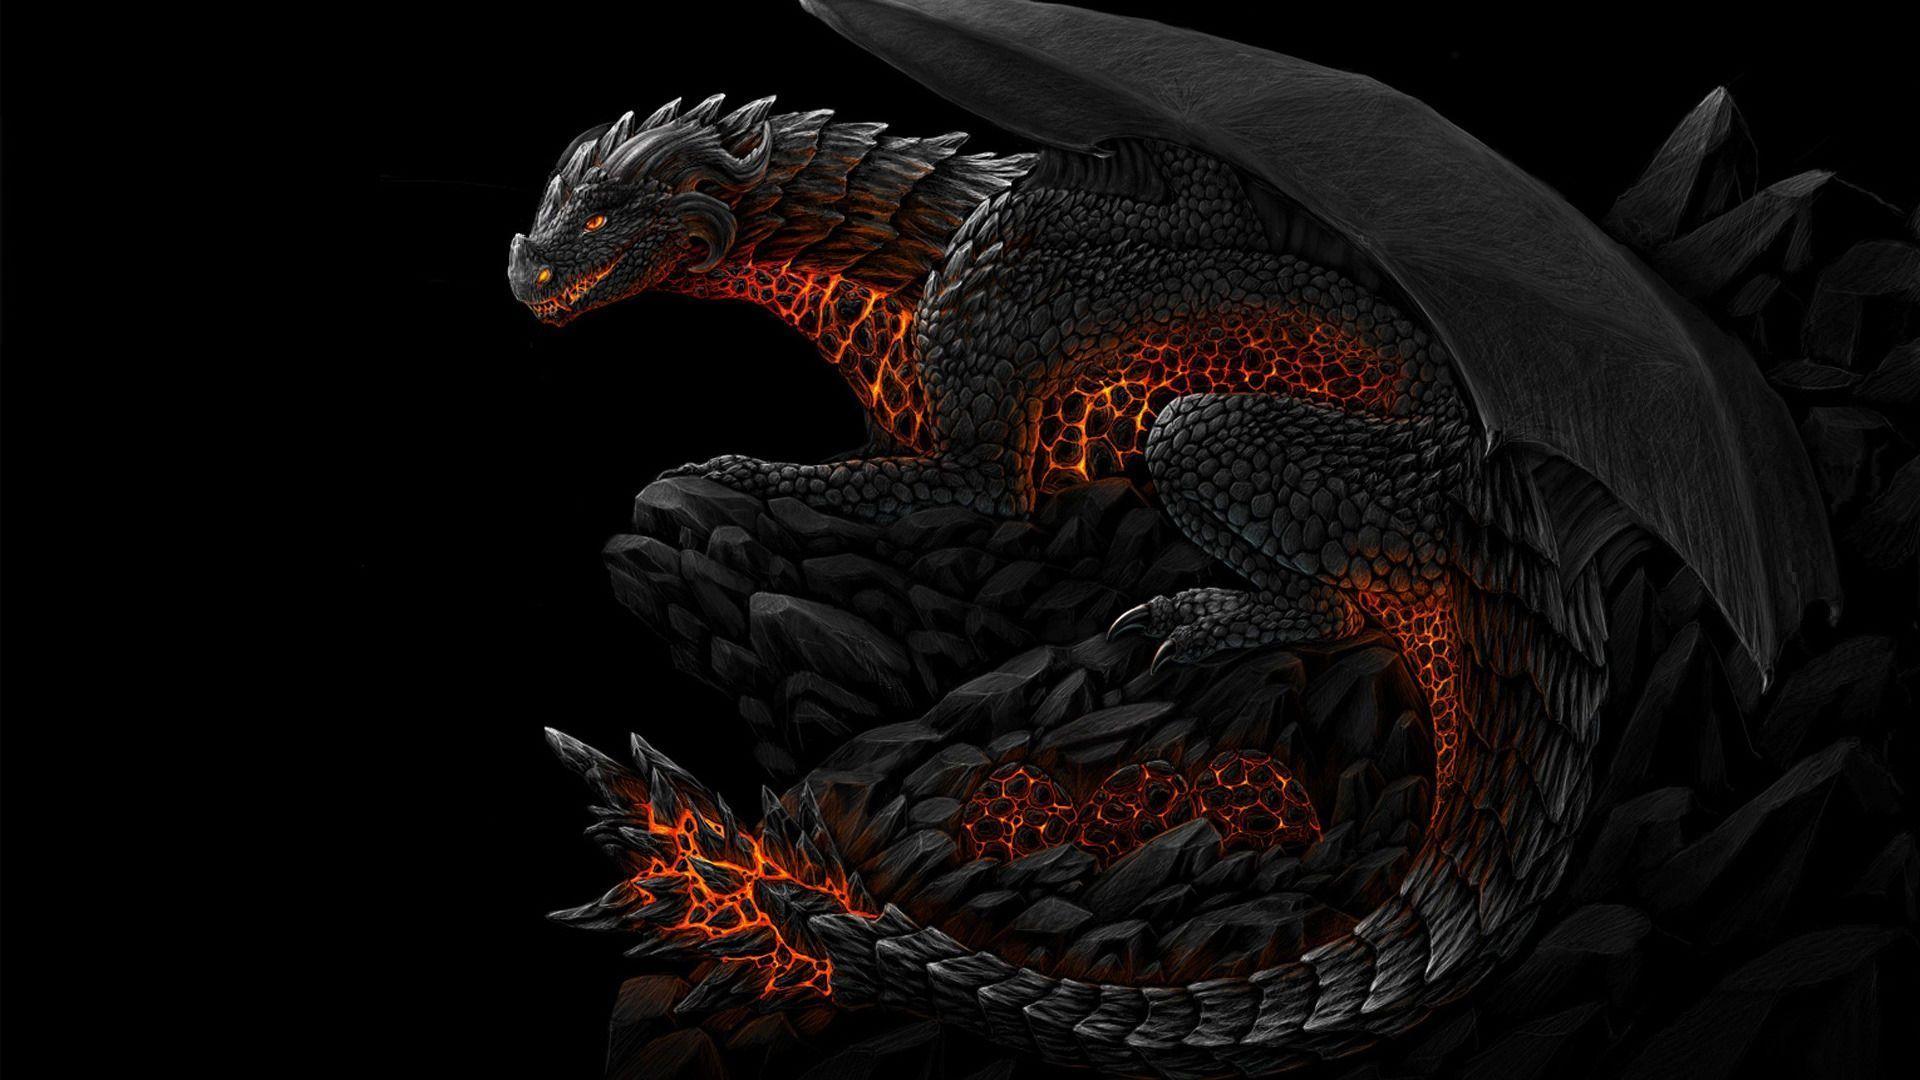 Hd wallpaper dragon - Dragon Fantasy Hd Wallpapers Deep Hd Wallpapers For You Hd 1920 1080 Dragon Hd Wallpapers